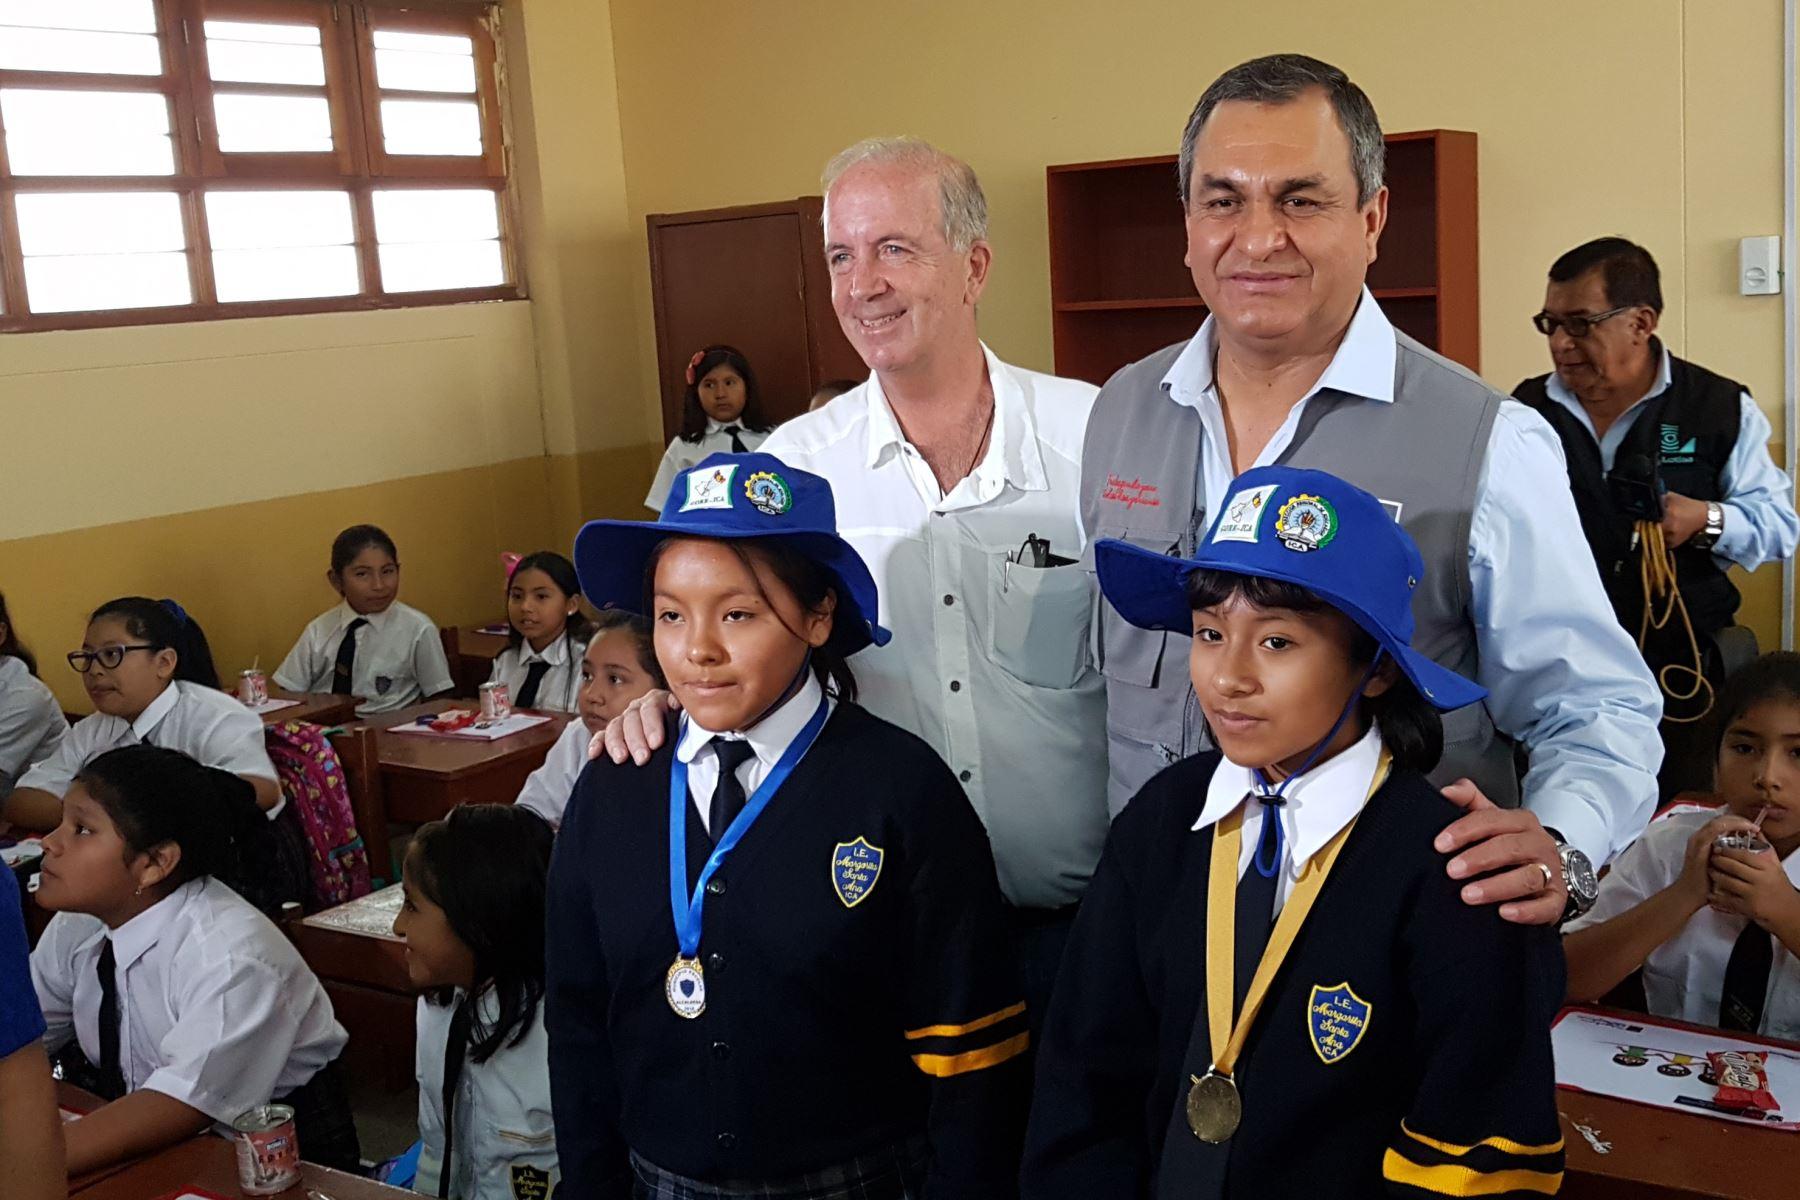 El ministro del Interior, Vicente Romero y el Gobernador Regional de Ica, Fernando Cillóniz, dieron inicio  al Año Escolar 2018 en la región Ica. Foto: Cortesía/ Genry Emerson Bautista Linares